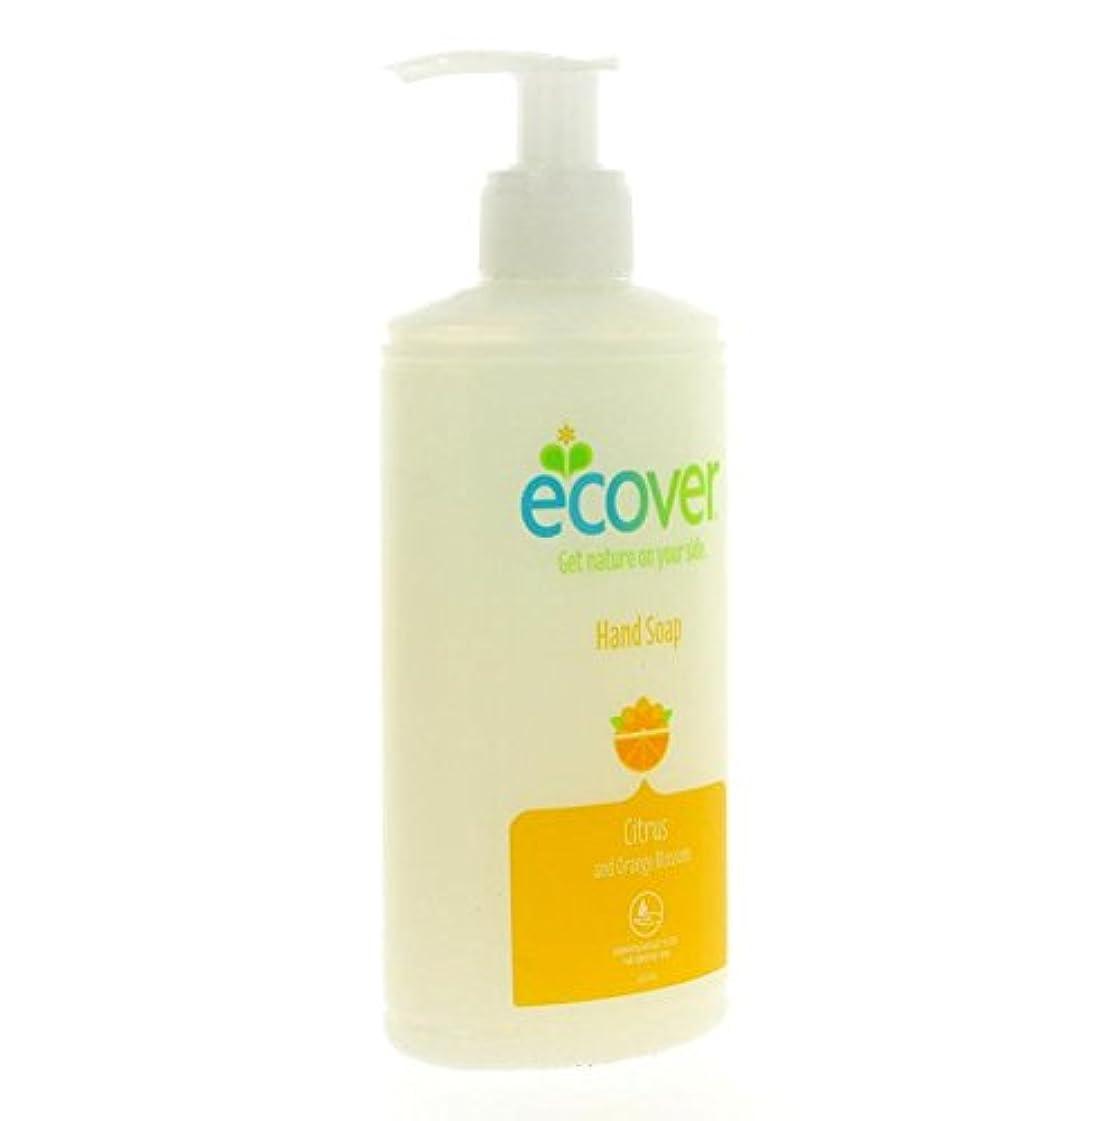 劣る安全でない重々しいEcover - Hand Soap - Citrus and Orange Blossom - 250ml (Case of 6)